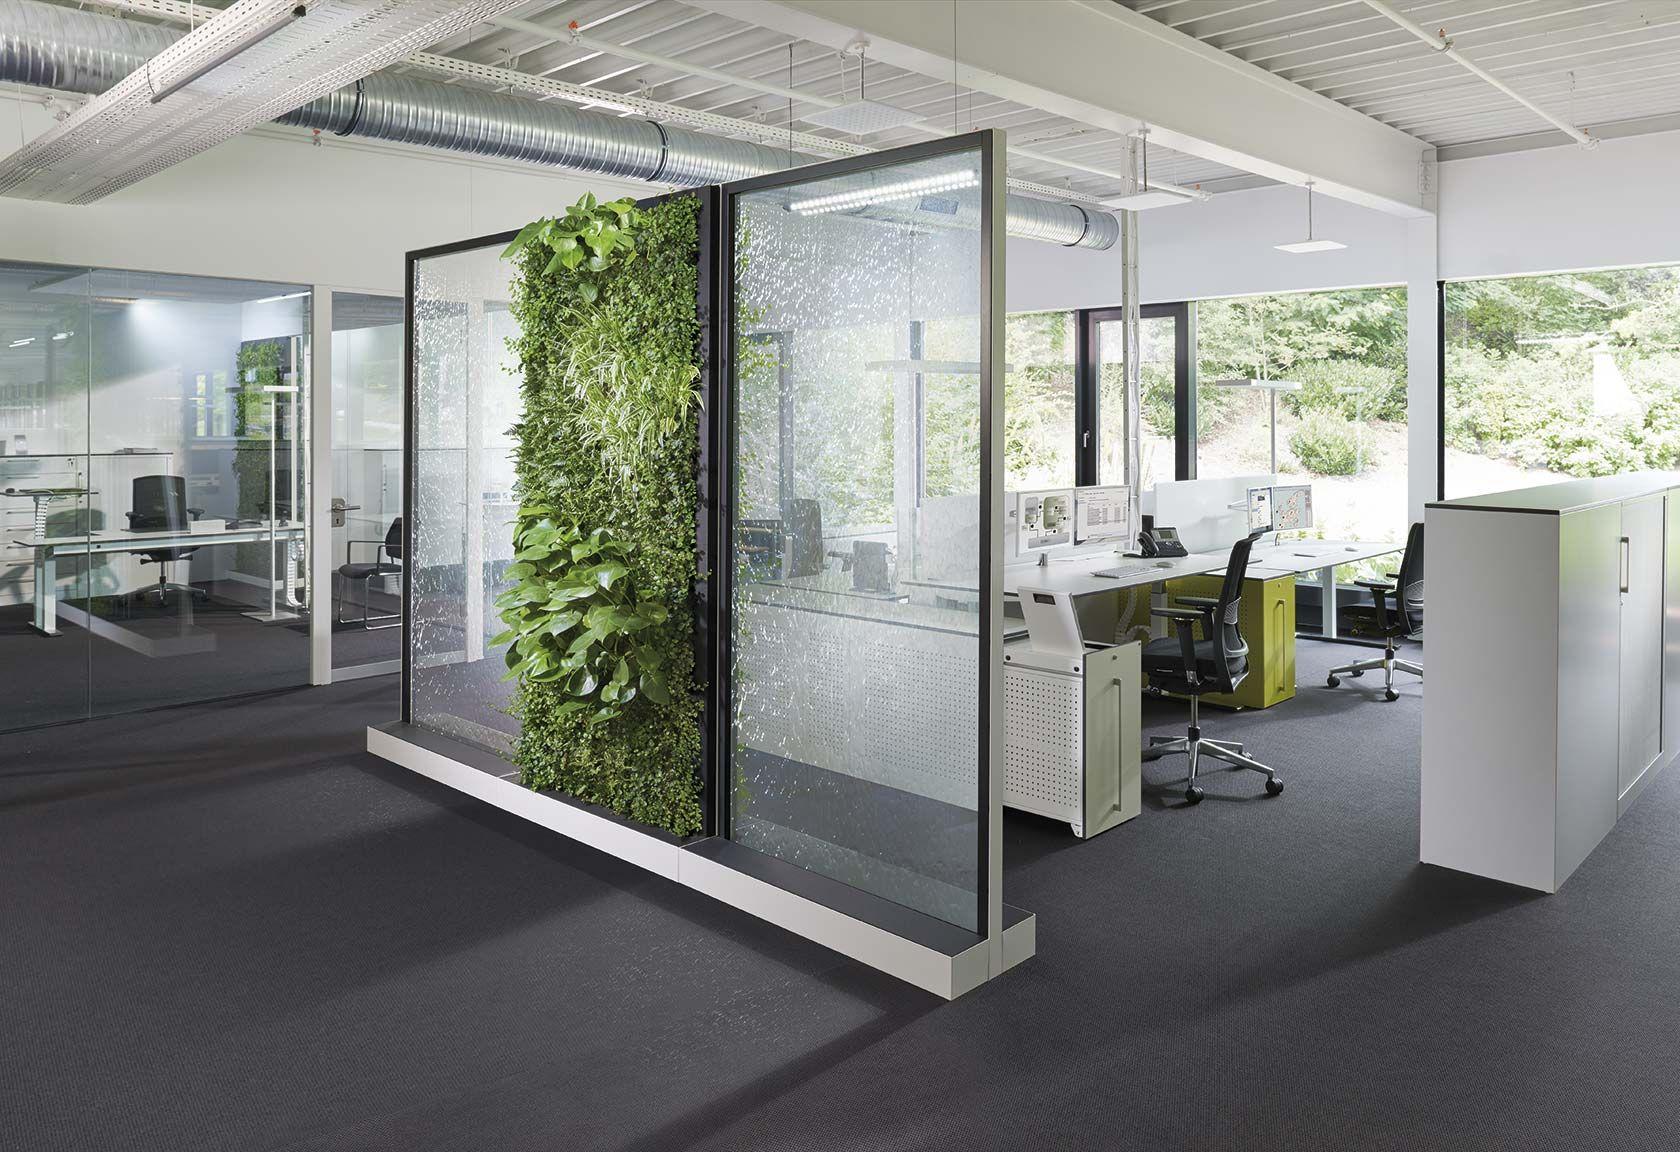 Green and High Tech in e fice mercial Interior Design News